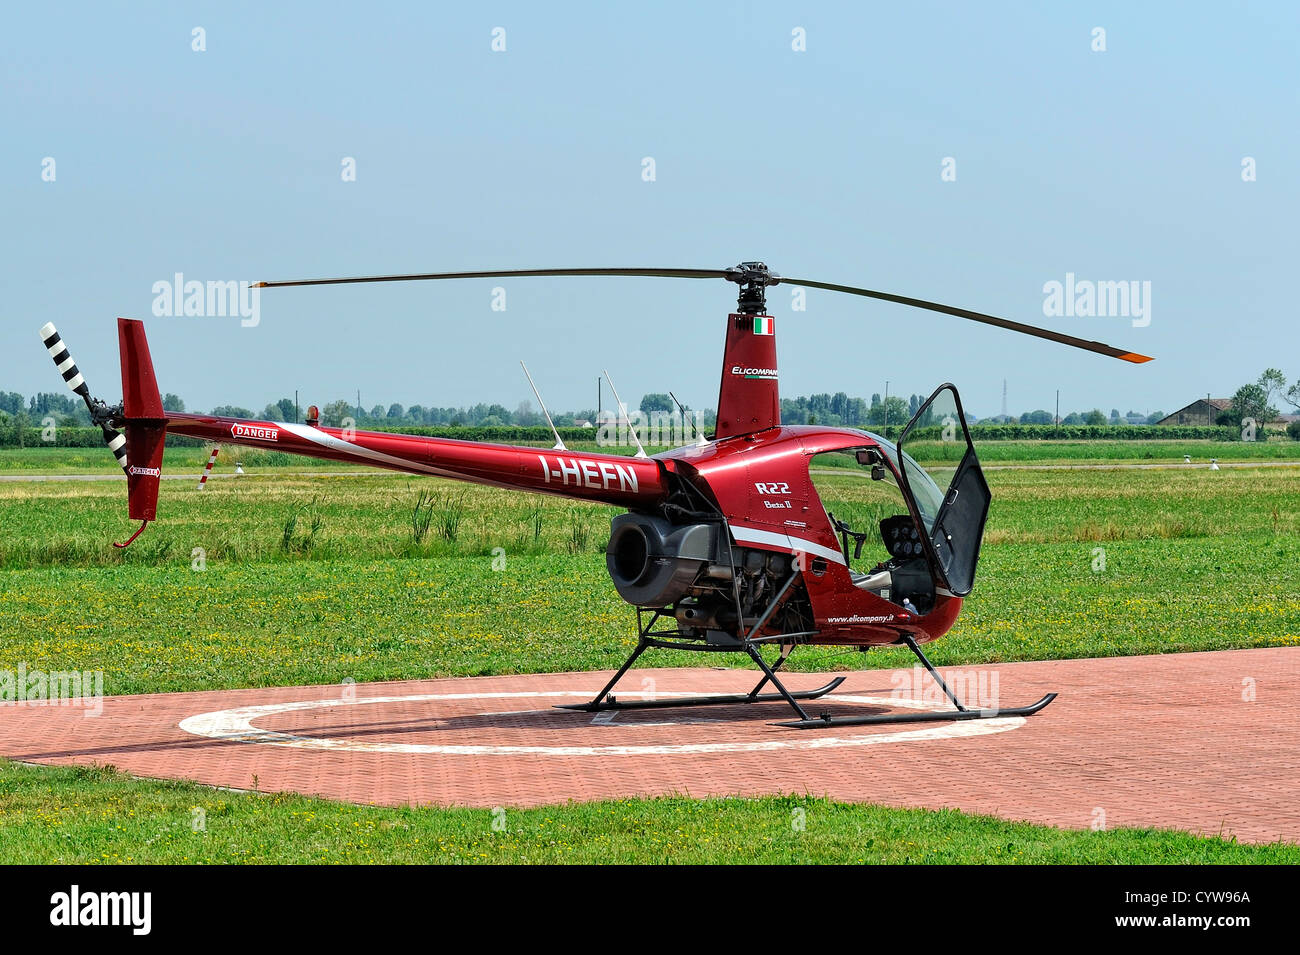 Elicottero R22 : Red elicottero robinson r foto immagine stock  alamy